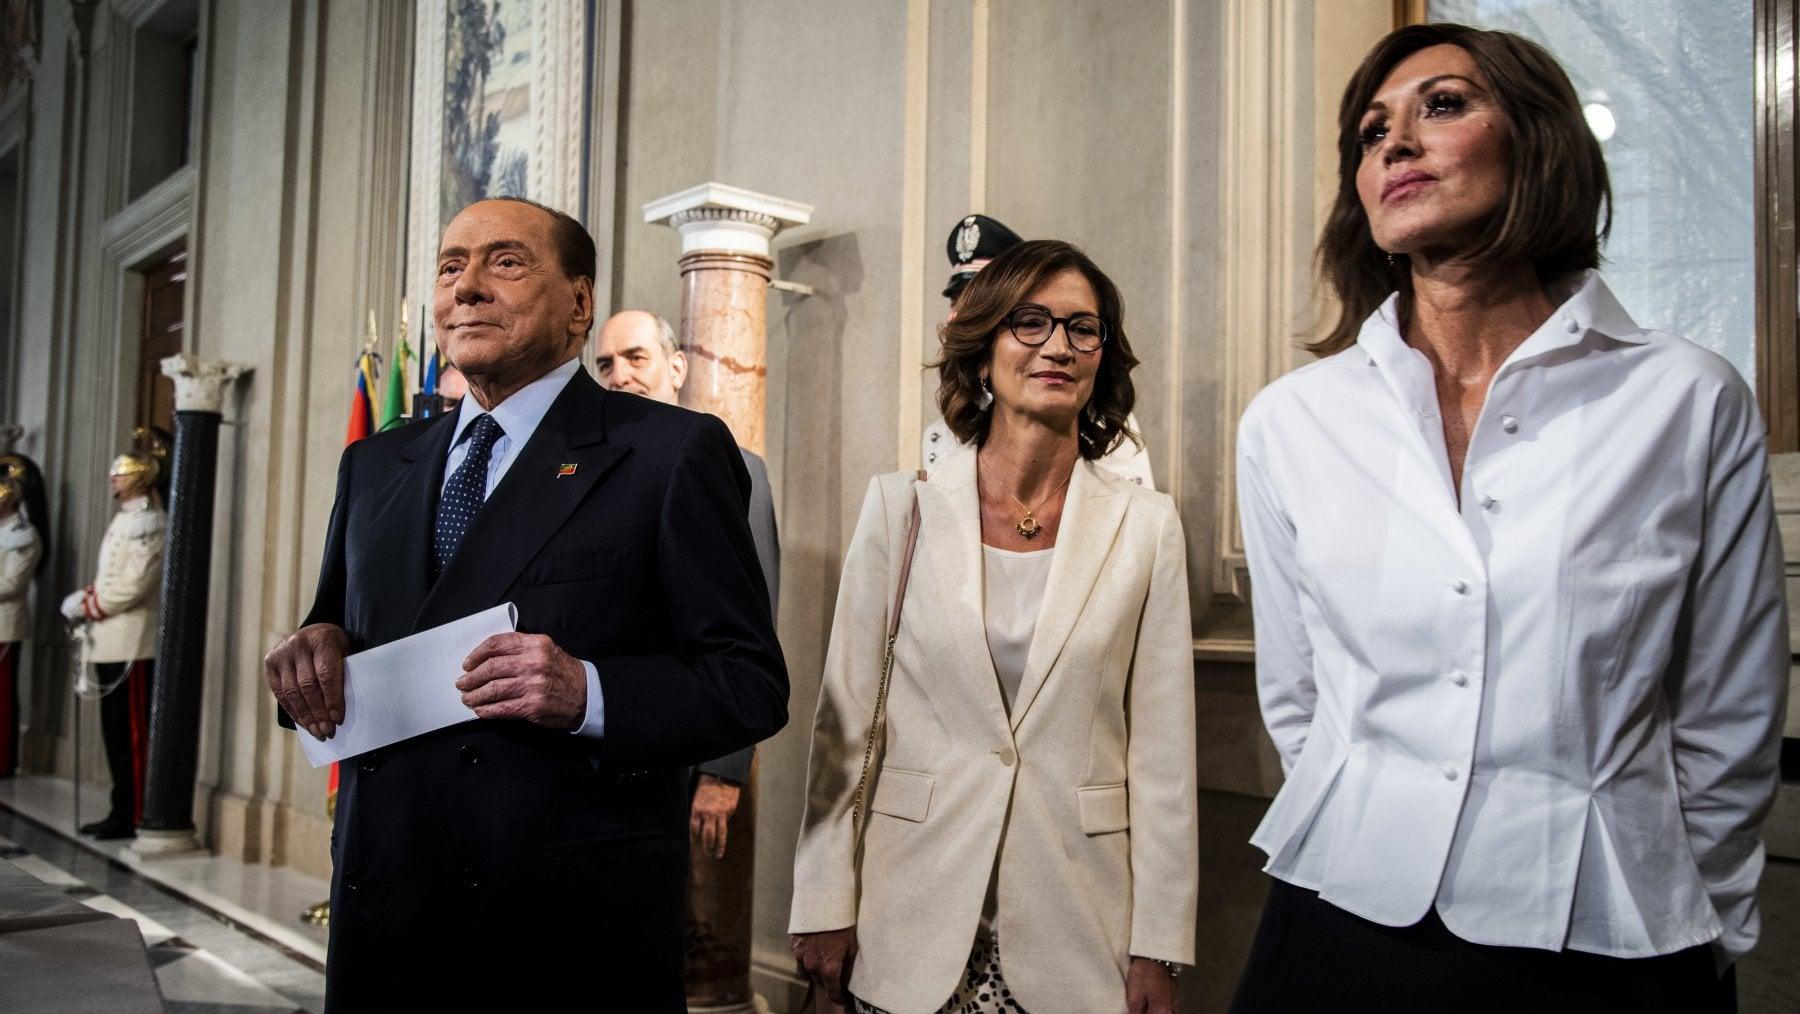 31+ Ministri donne forza italia ideas